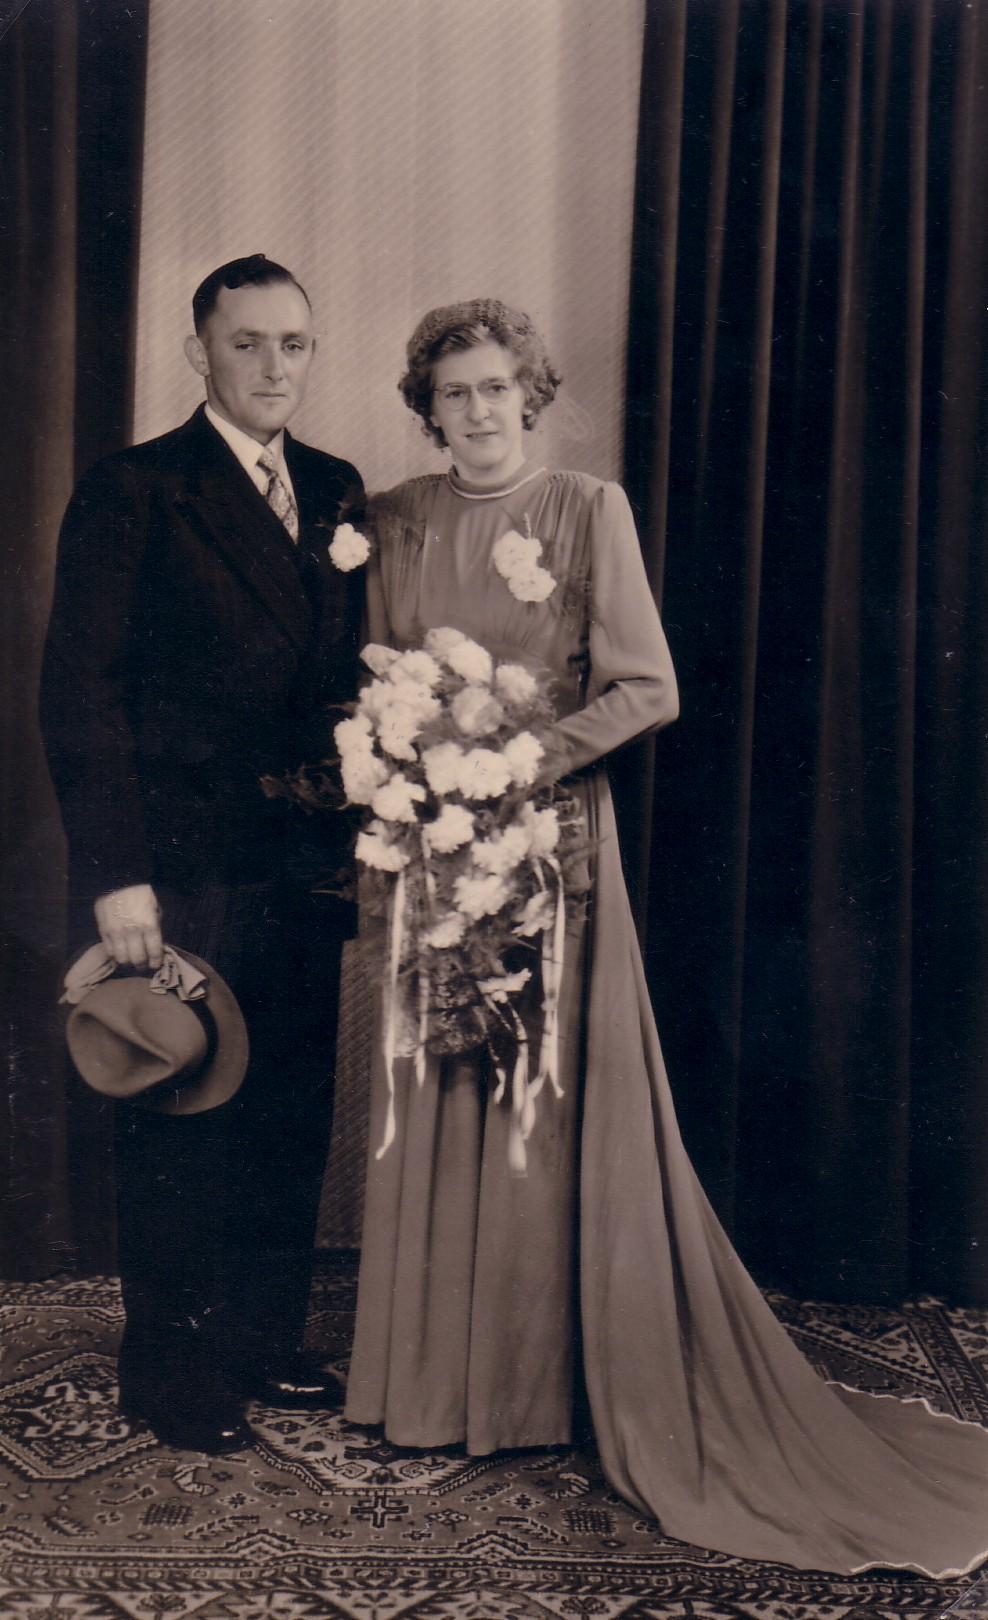 Huwelijk Adriana van Eijmeren en Arie van der Gaag (1950)